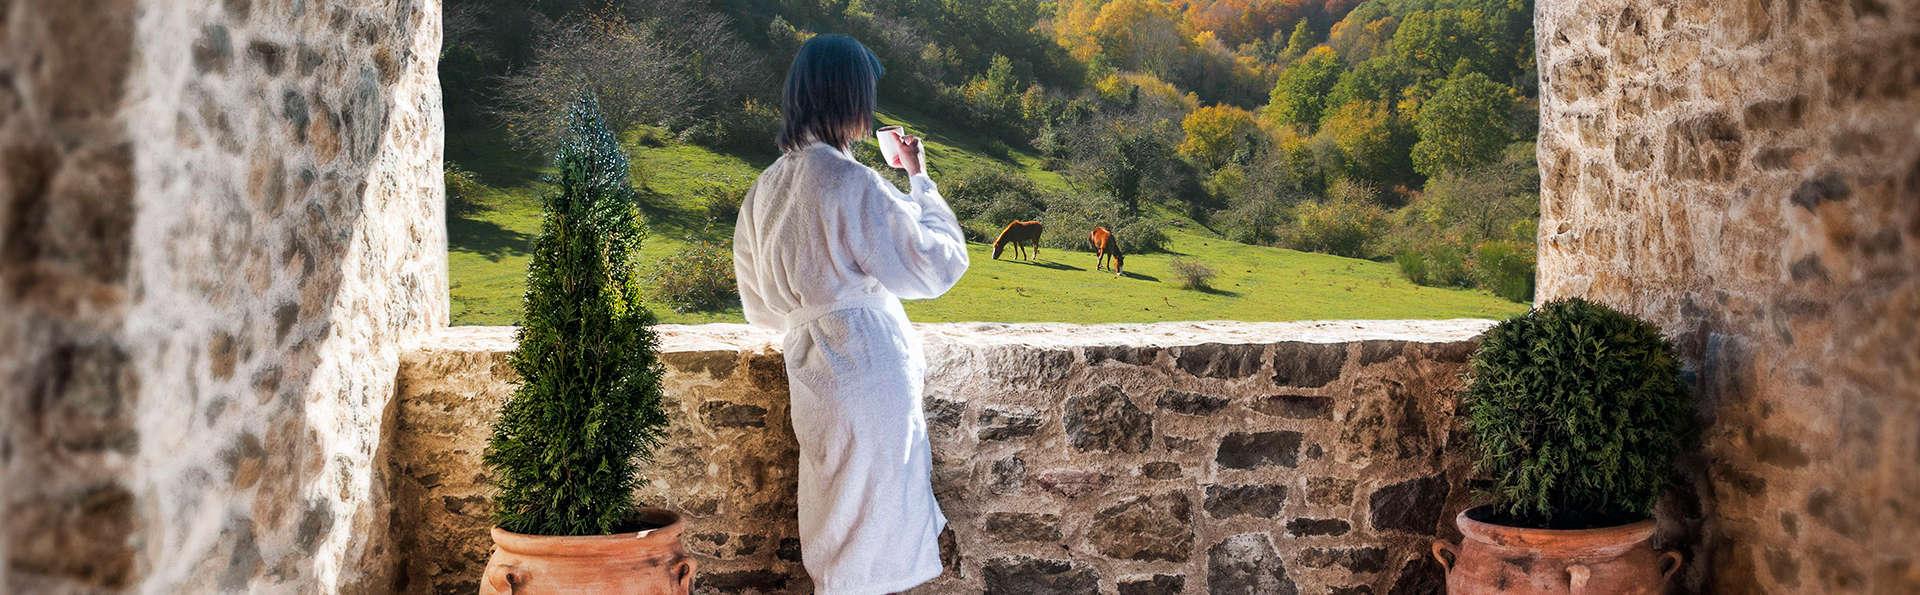 Exclusivo: Intimidad en un paraje natural ídilico en la Garrotxa